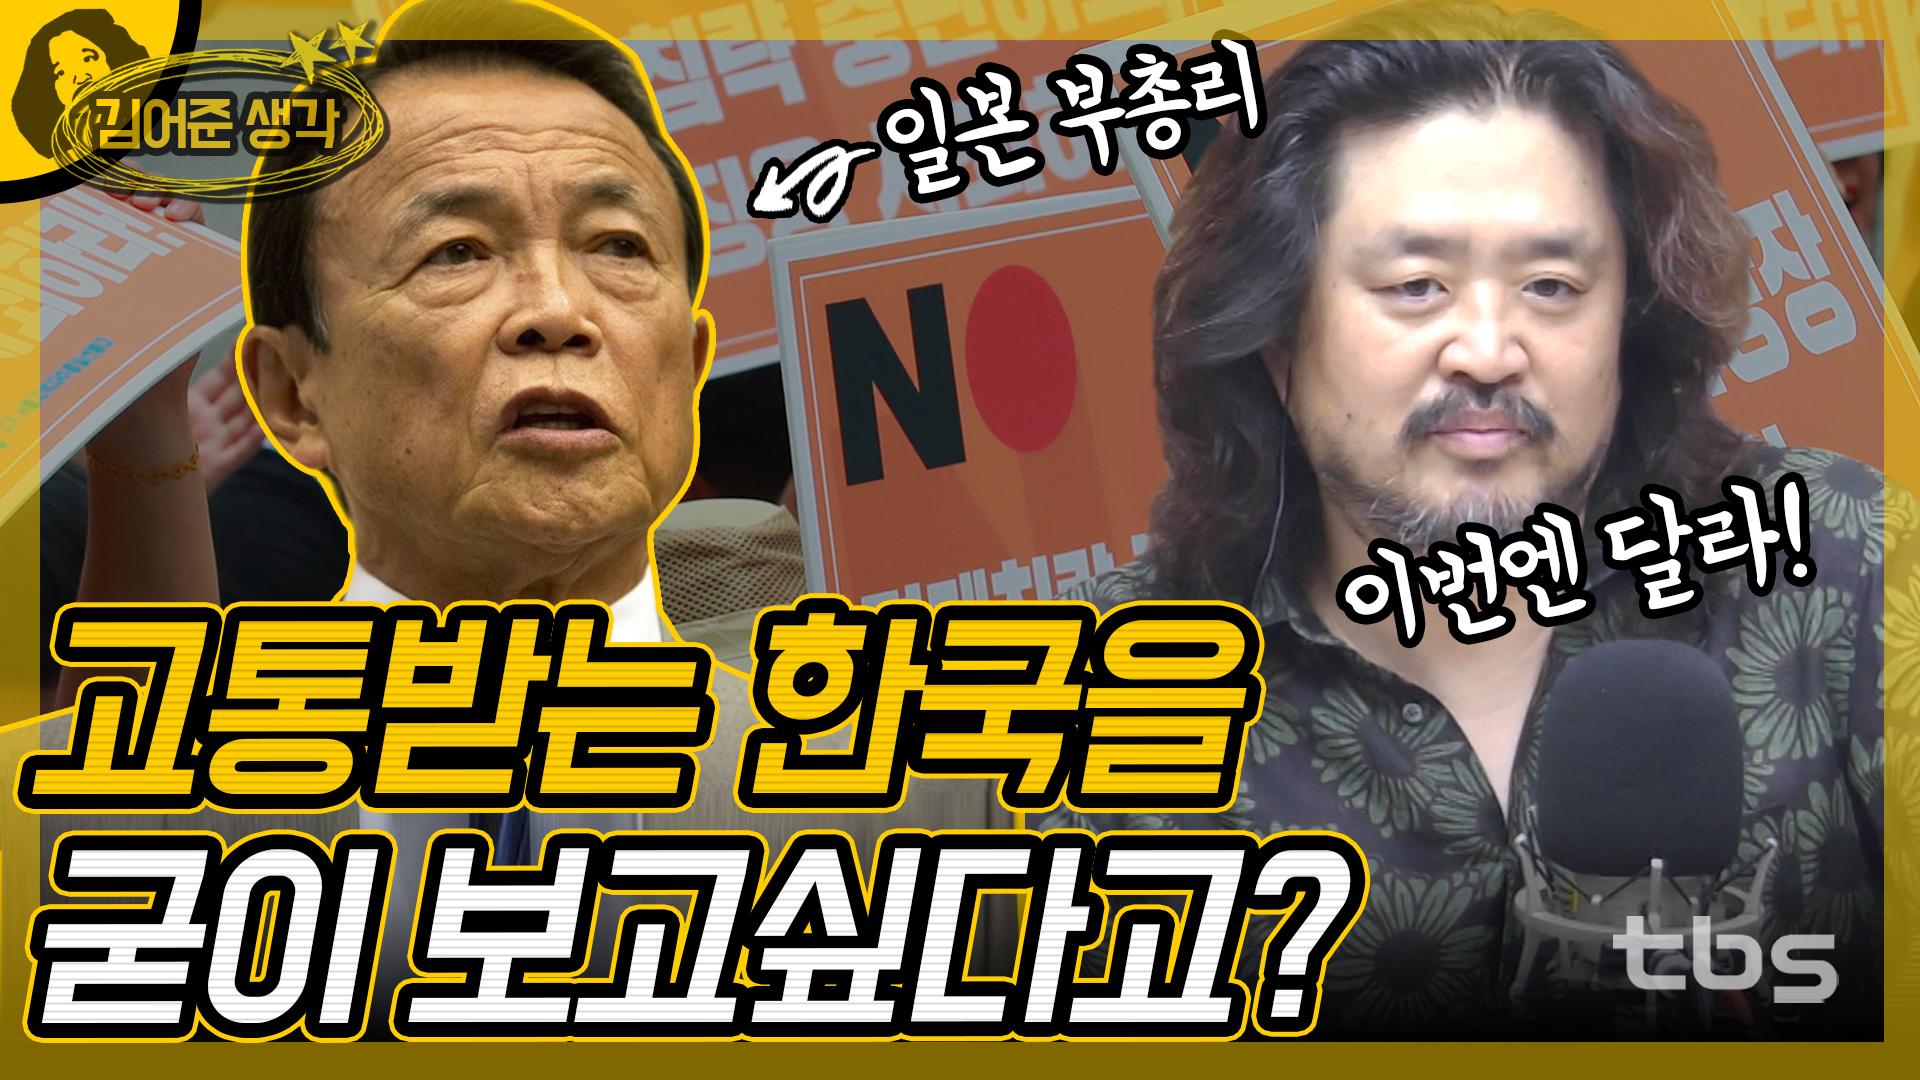 고통받는 한국을 굳이 보고싶다고? [김어준 생각 / 김어준 뉴스 공장]